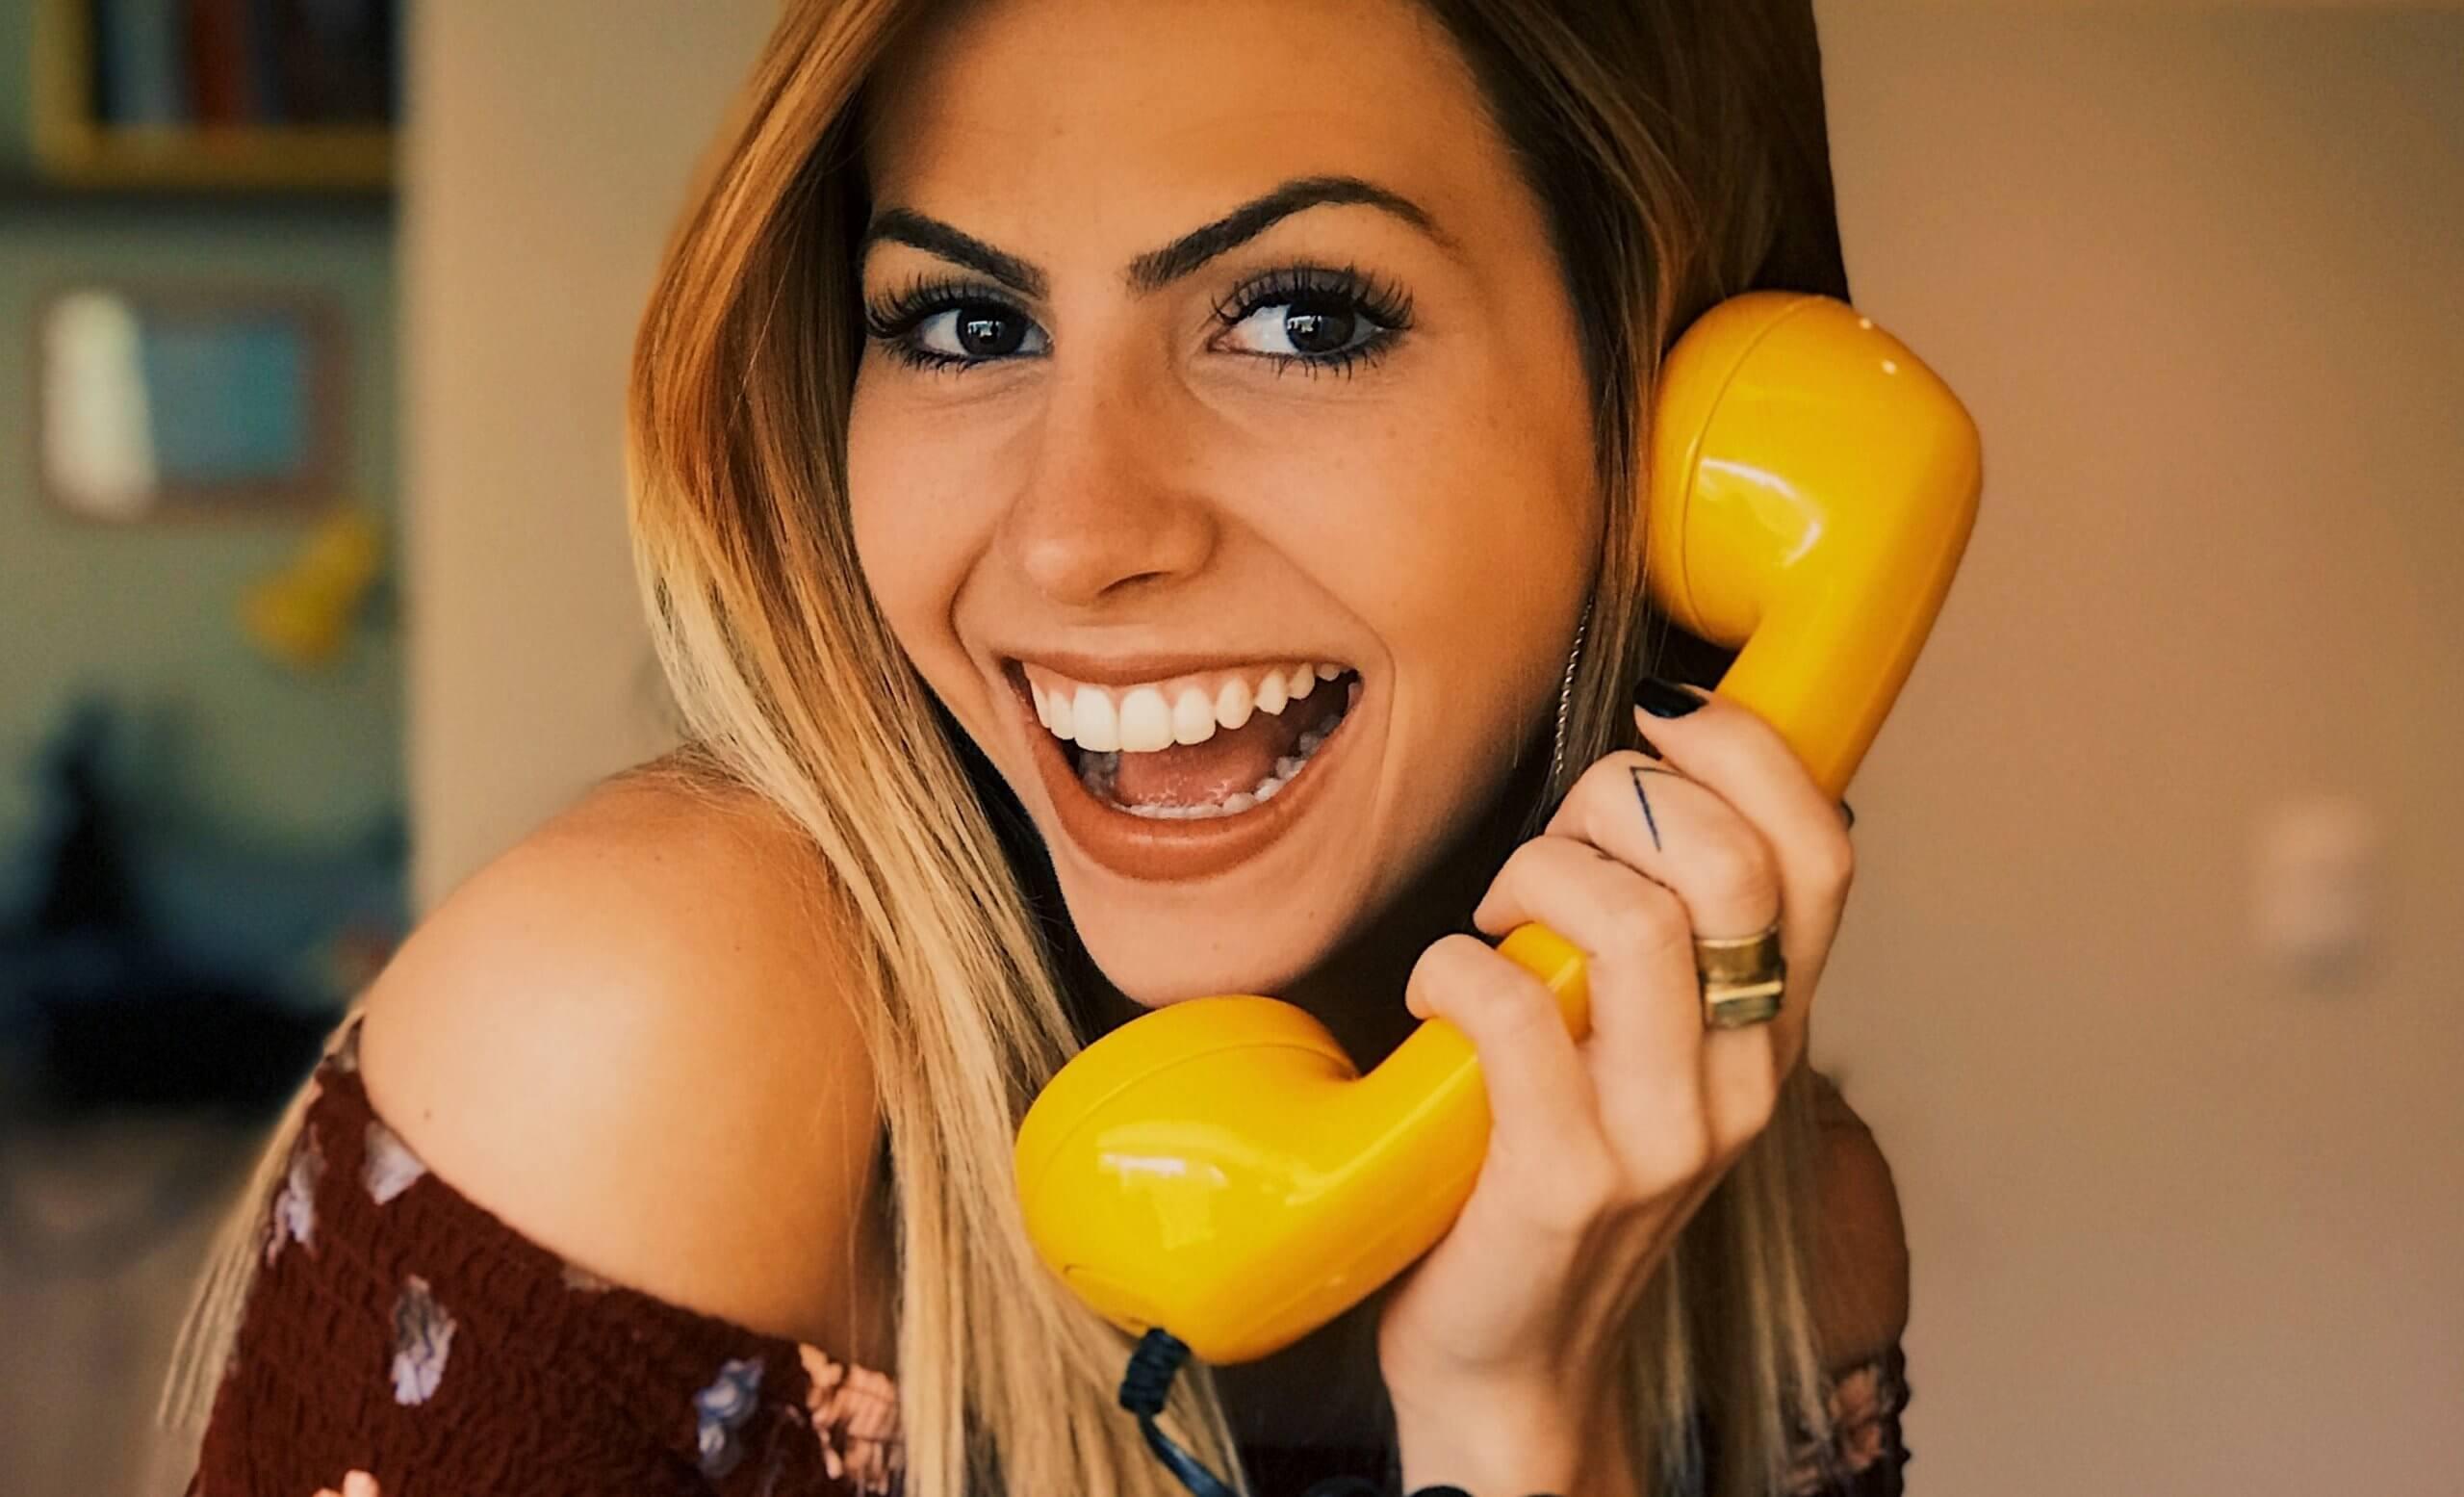 Roześmiana kobieta zżółtą słuchawką telefoniczną